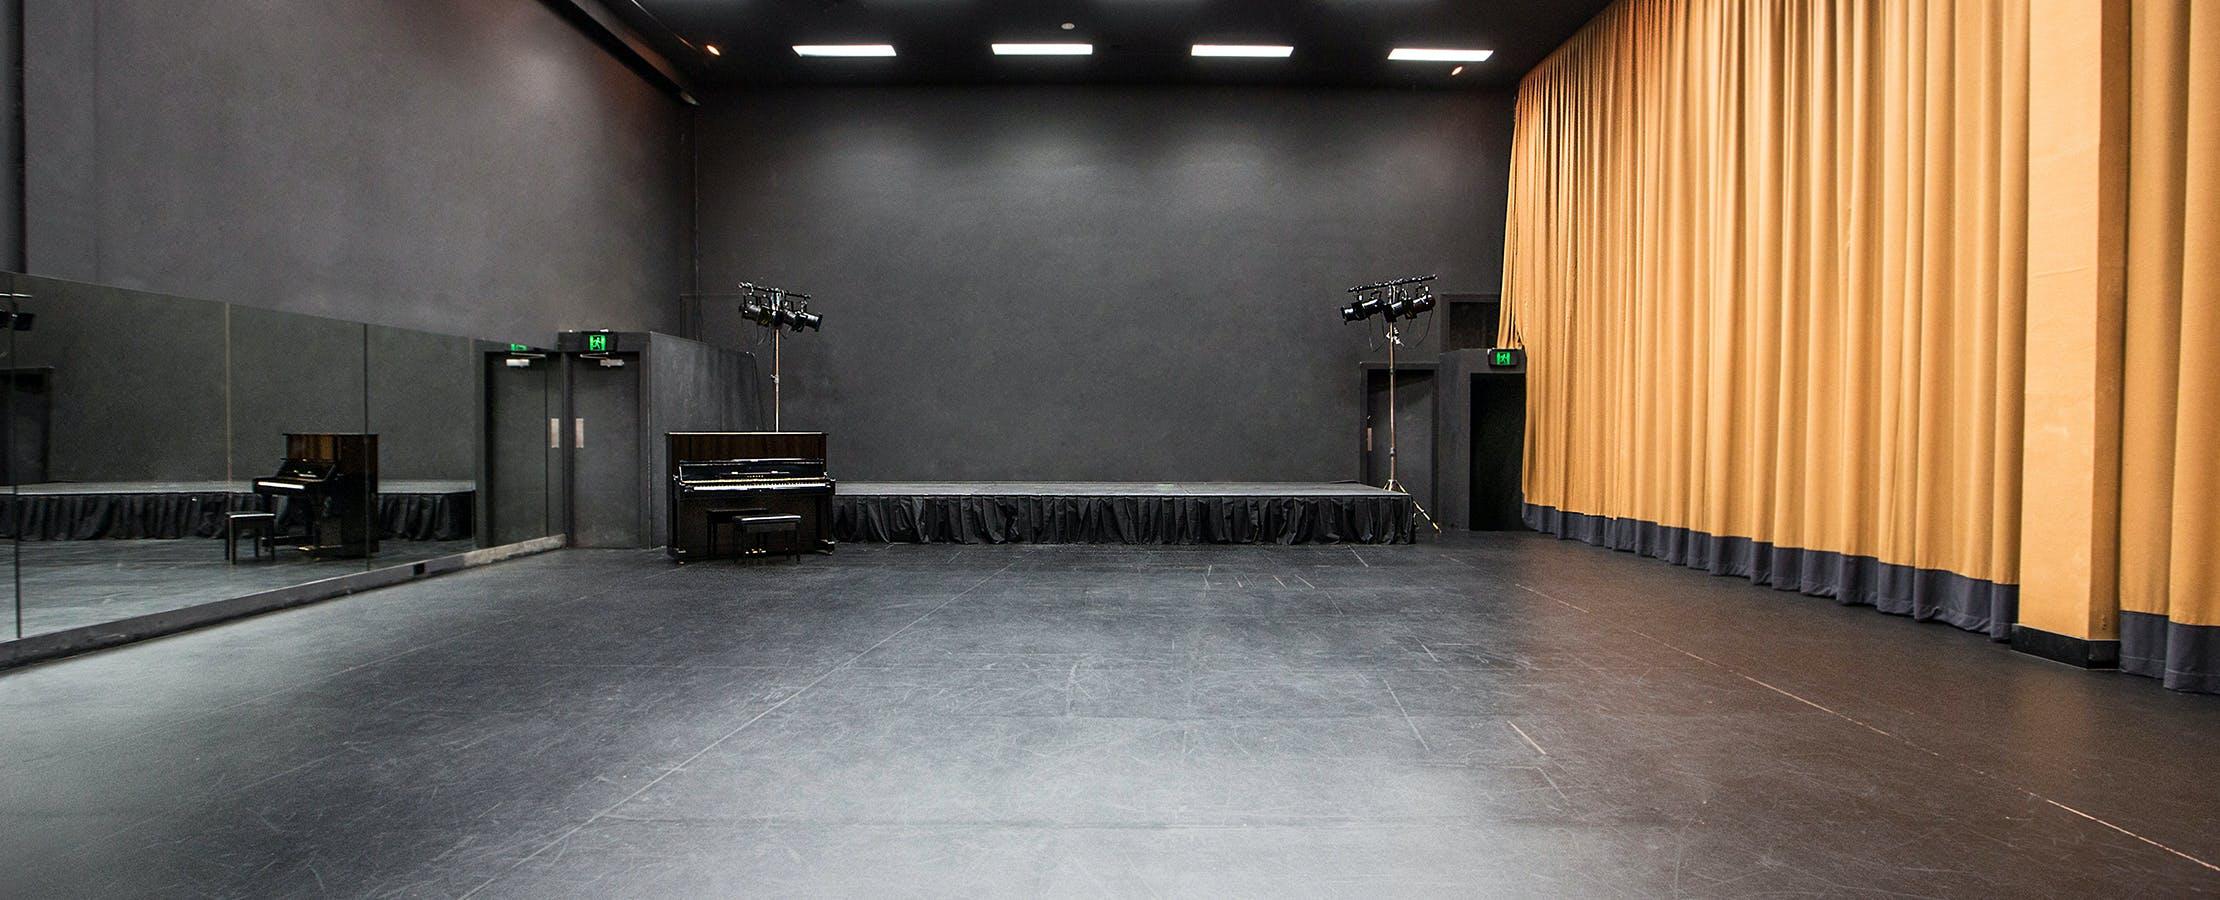 Studio, multi-use area at Alex Theatre St Kilda, image 1